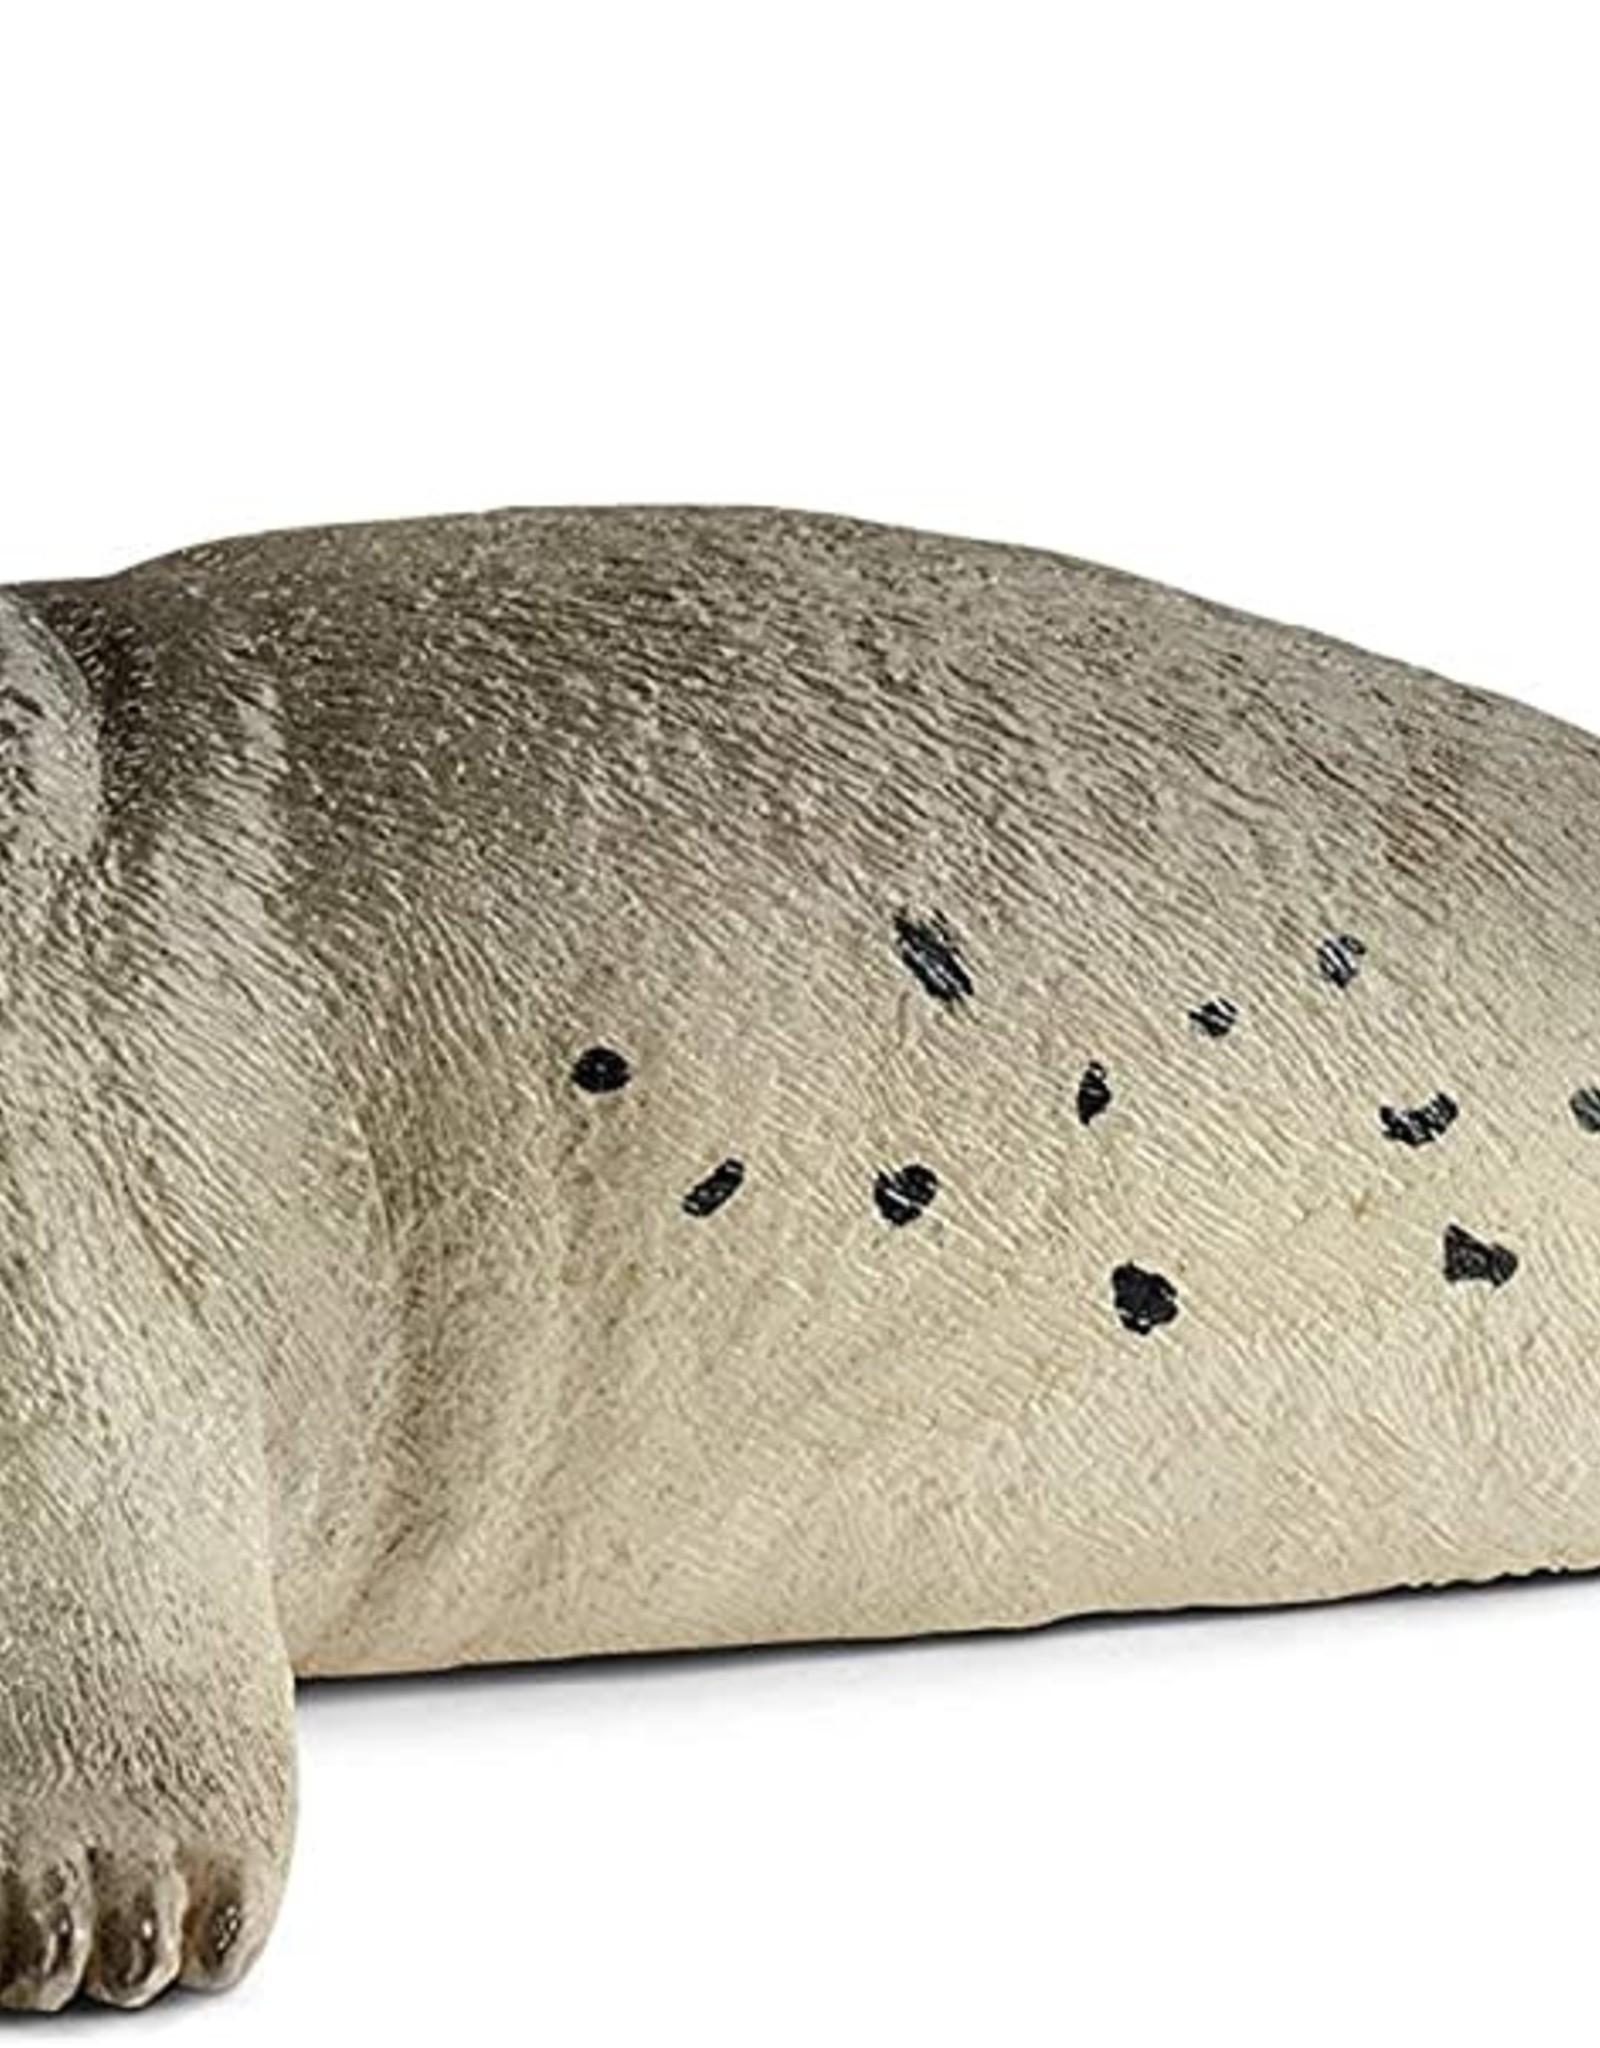 Schleich Schleich Wild Life - Seal